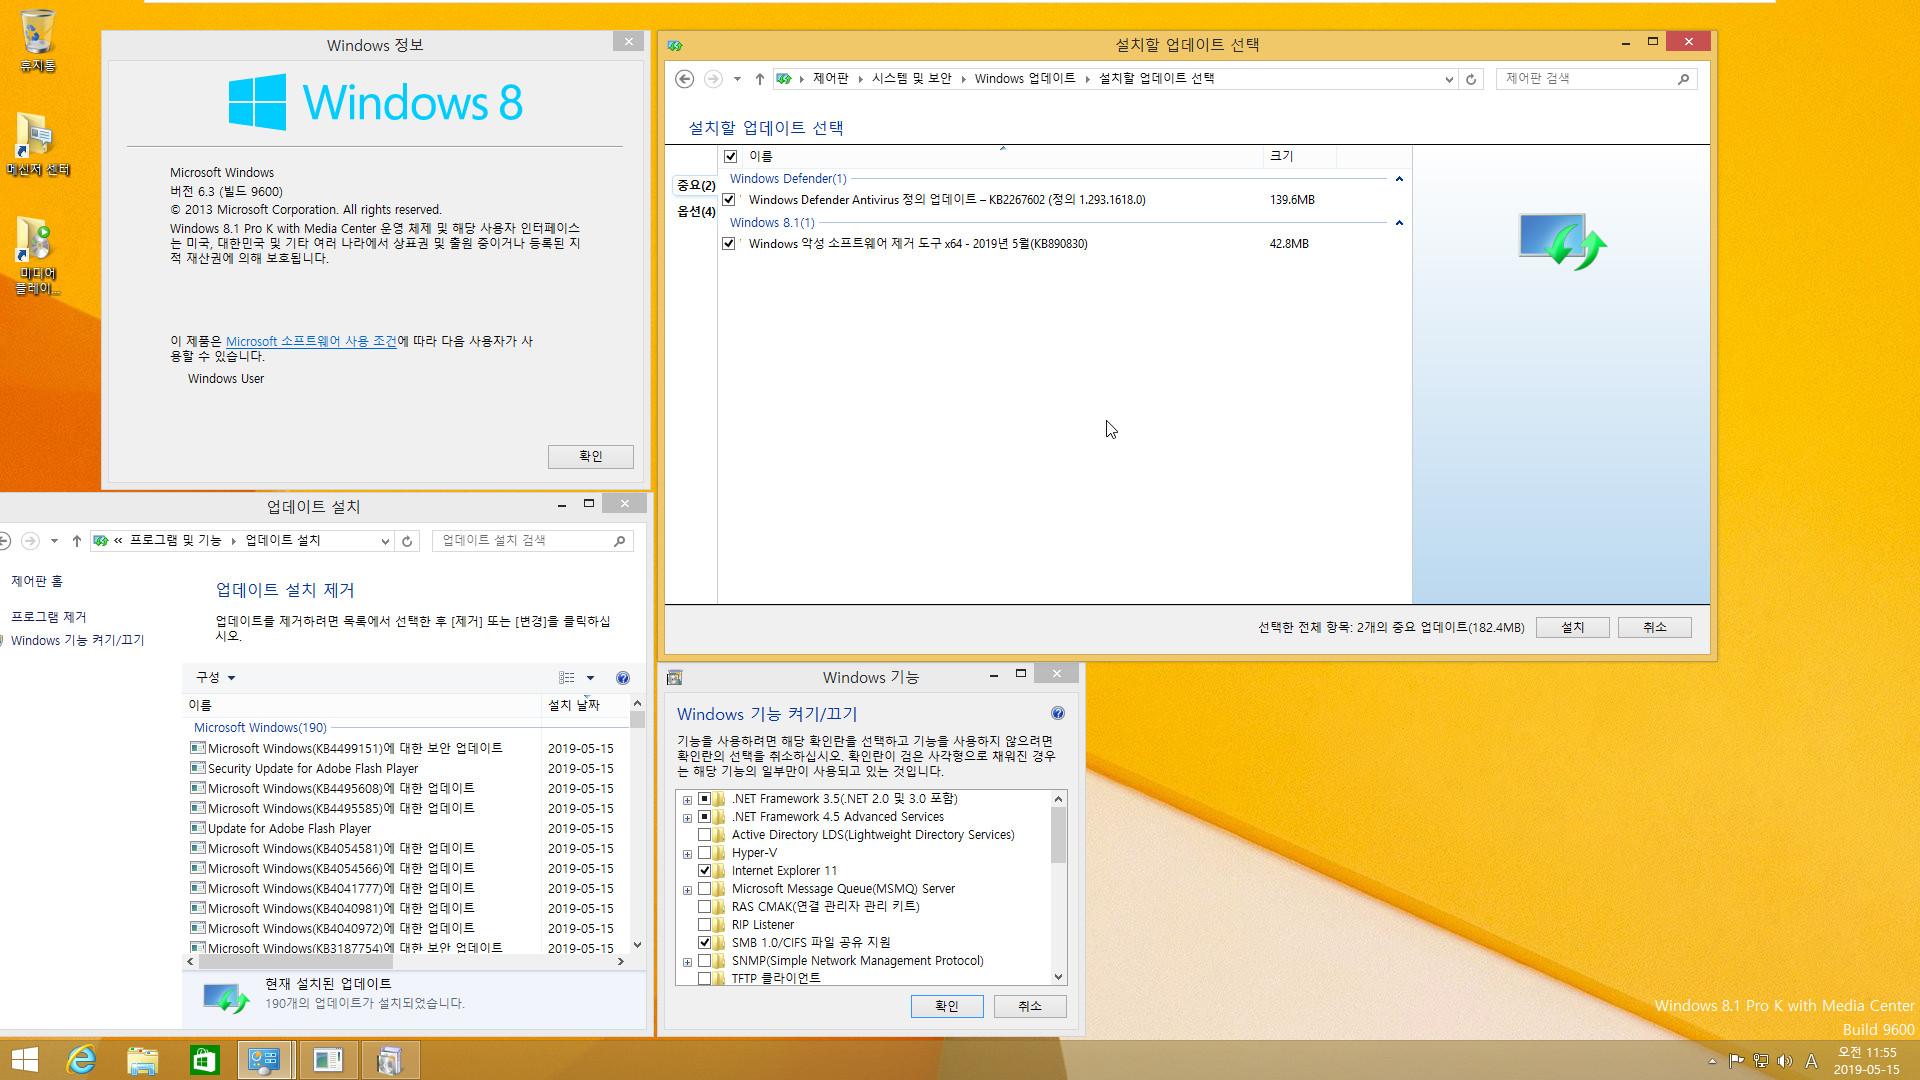 2019년 5월 15일 정기 업데이트 - Windows 8.1 롤업 업데이트 KB4499151 (OS 빌드 9600.19356) 통합중 입니다 - 64비트 확인 2019-05-15_115513.jpg